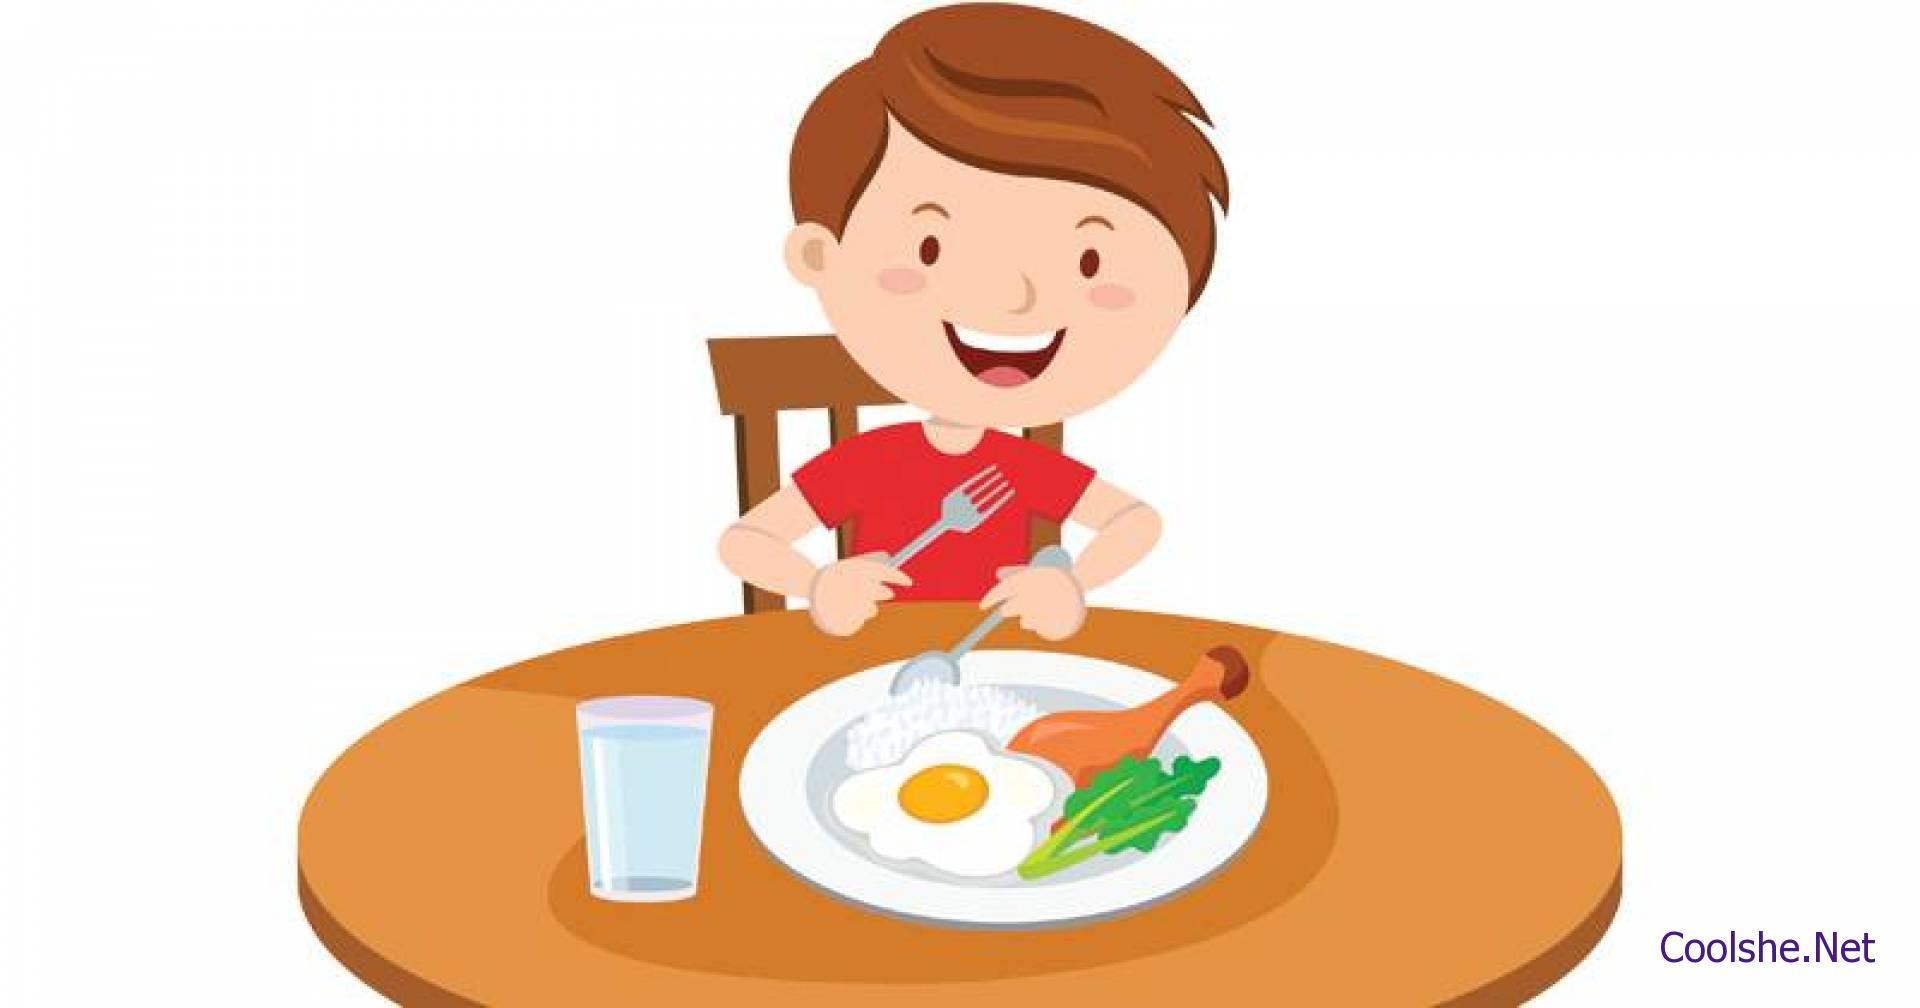 الكيموس هو شكل الطعام بعد انتهاء عملية التحول له في